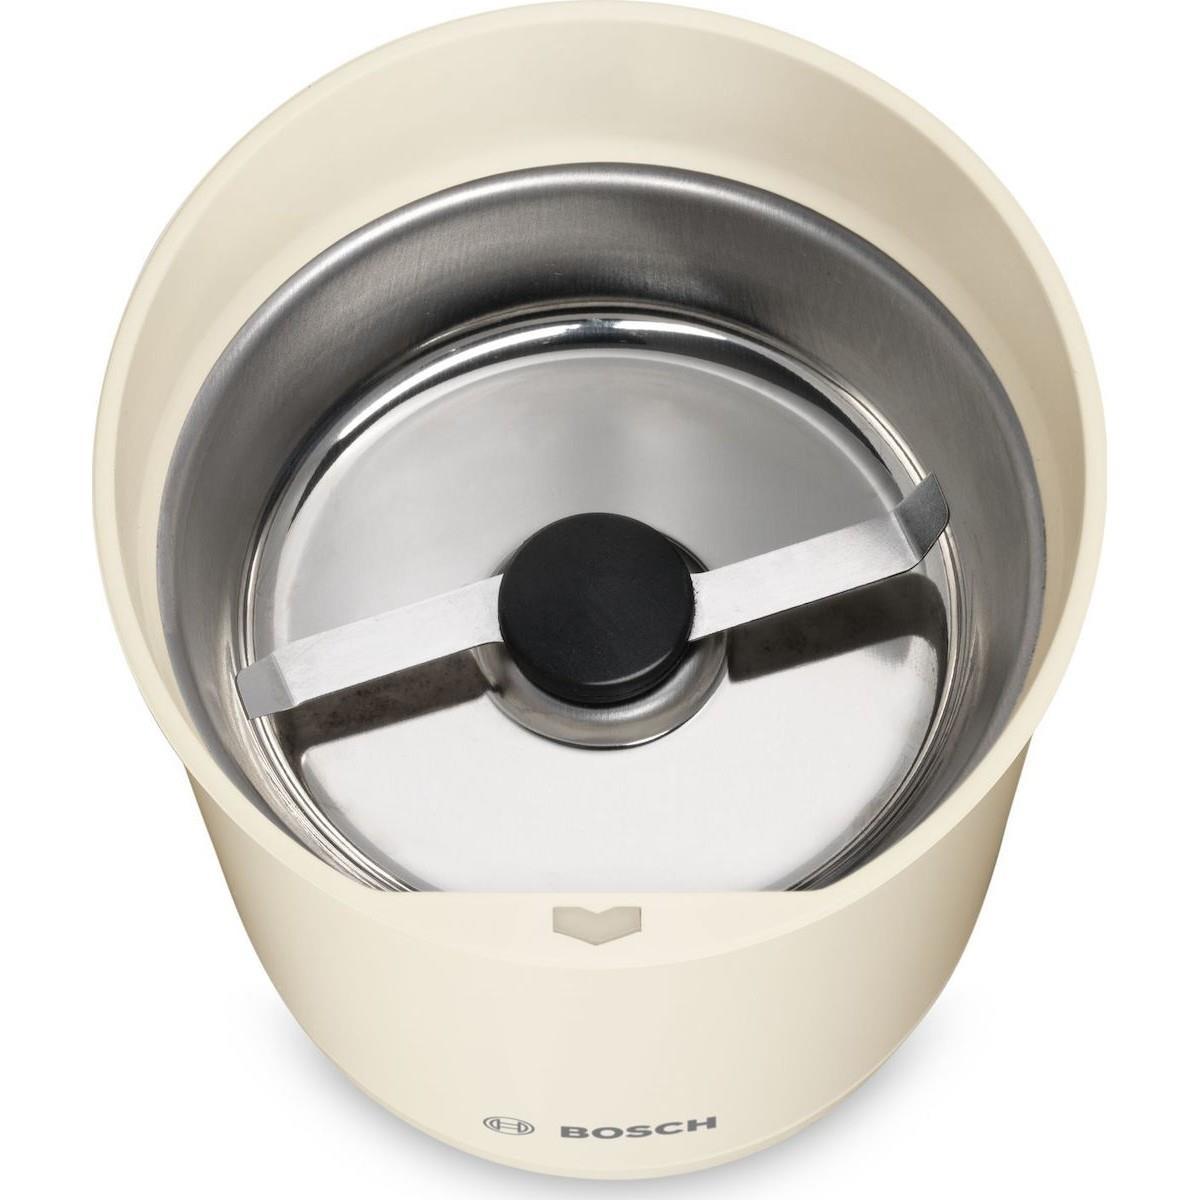 BOSCH TSM6A017C cream Ηλεκτρικός Μύλος καφέ, 75g 180W